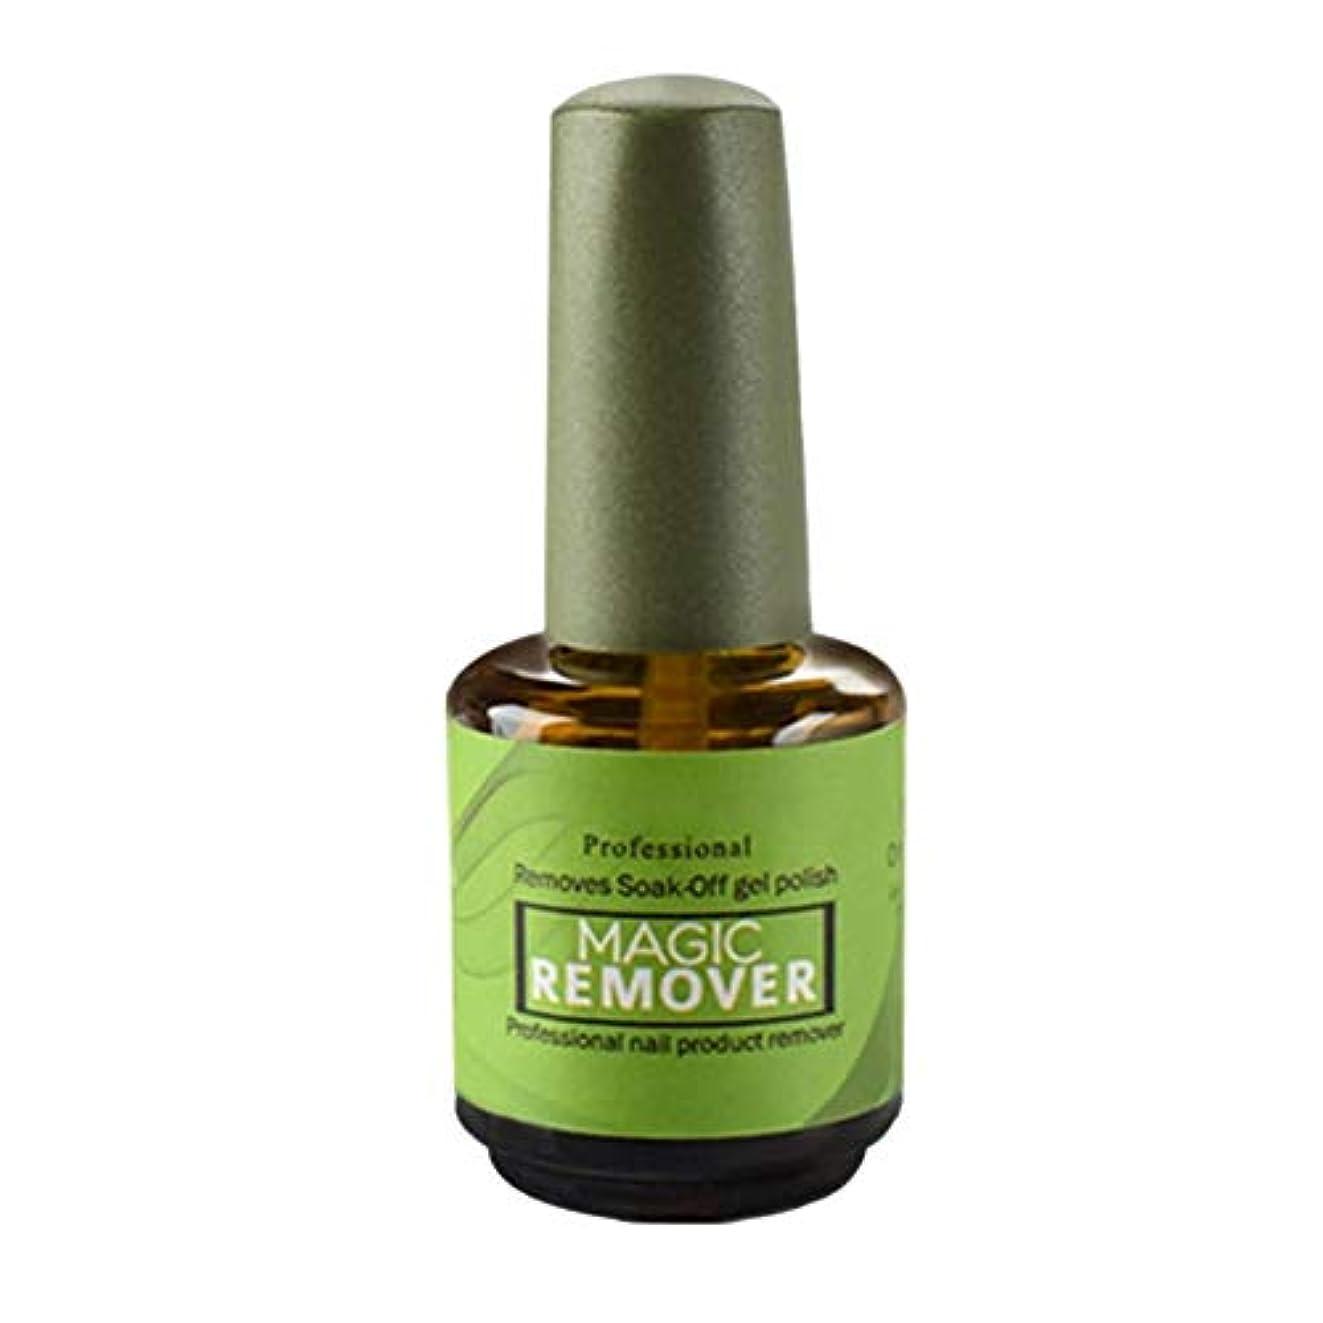 ジョージバーナードミュート変更Aylincool マジックリムーバーがネイルポリッシュを拭き取ると、ジェルプロフェッショナルバーストクリーン脱脂剤が除去されます